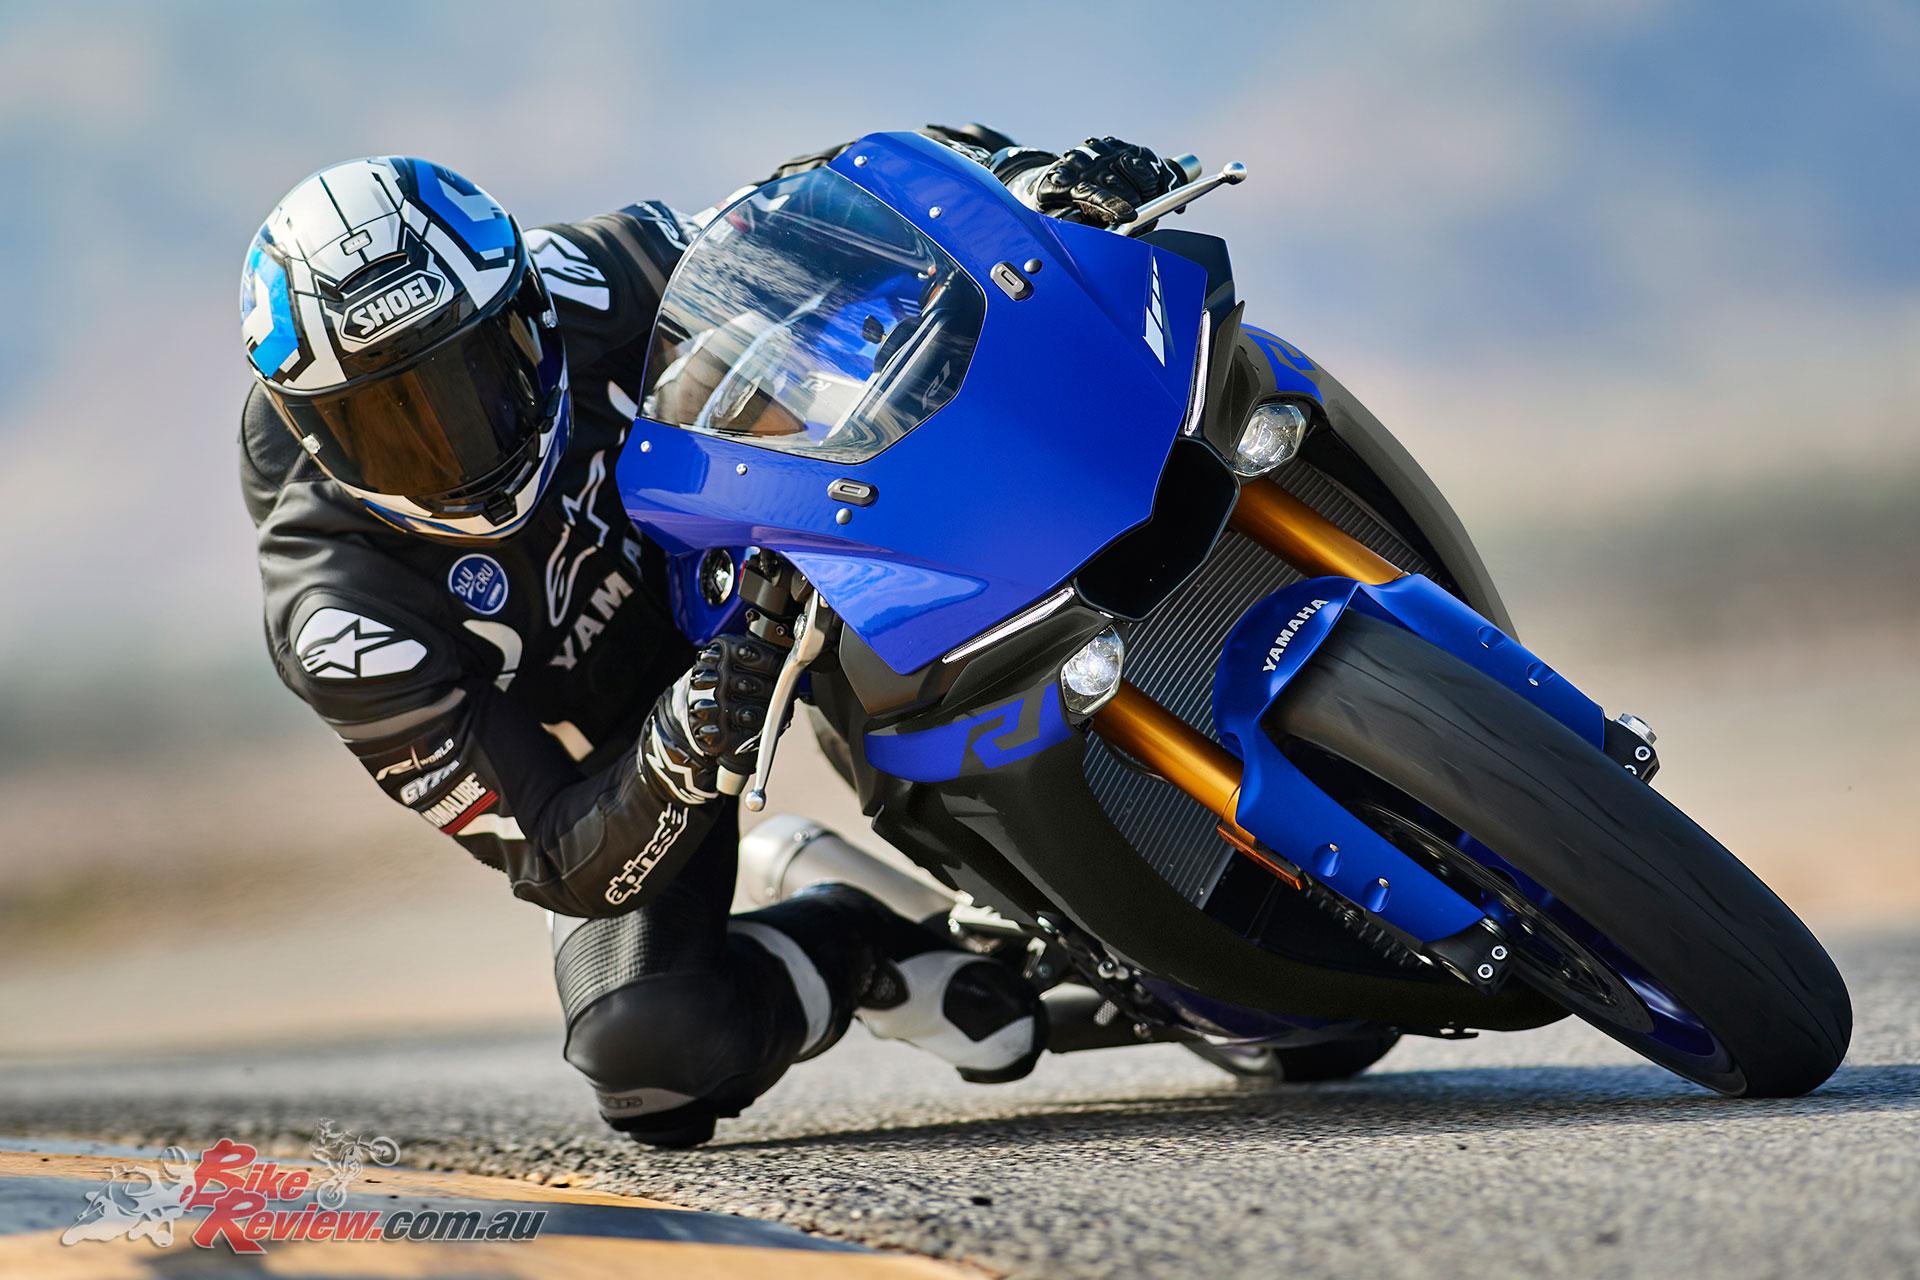 2019 Yamaha YZF-R1 in Yamaha Blue